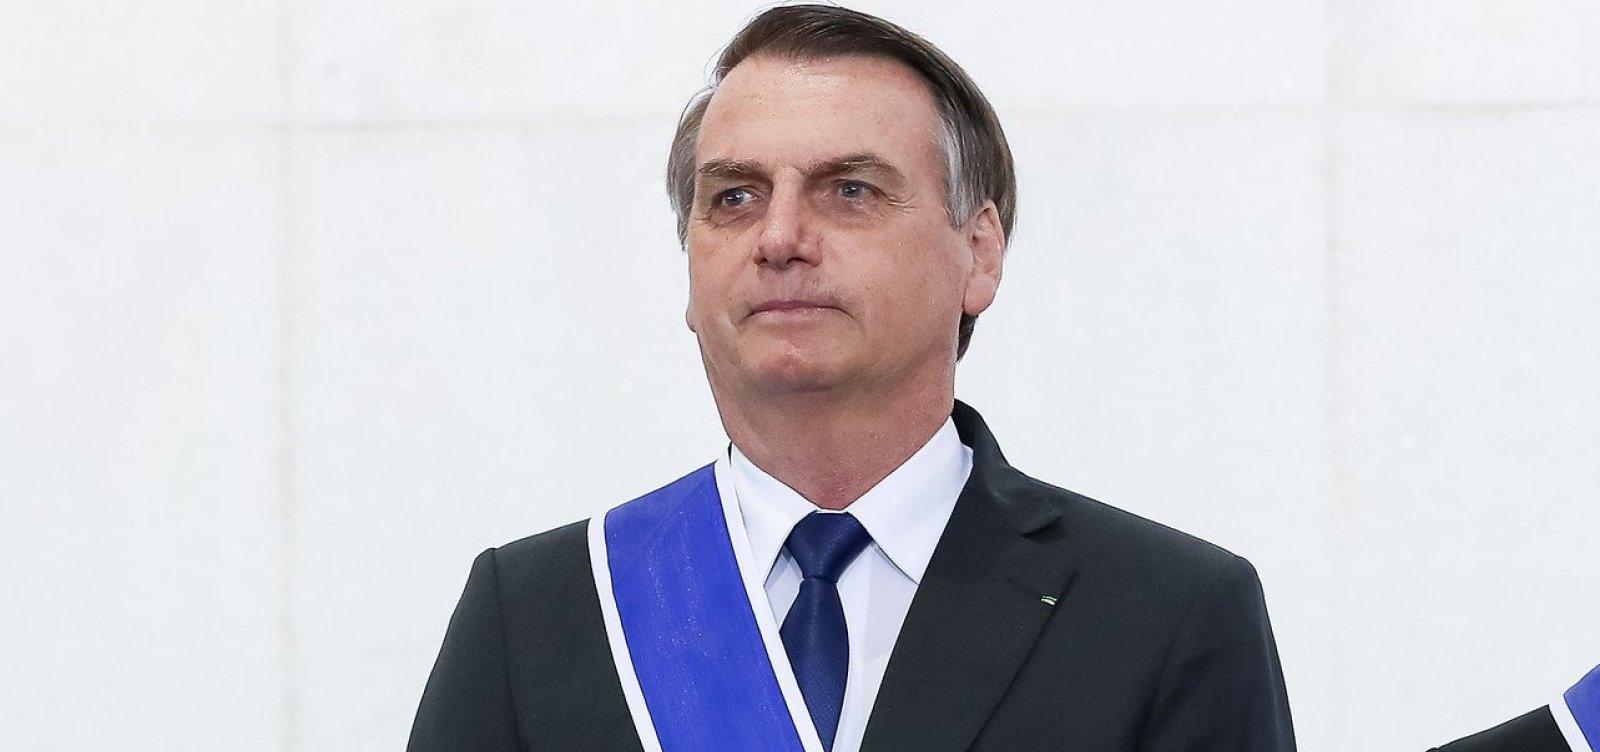 Governo será mantido sem qualquer regulamentação da mídia, afirma Bolsonaro